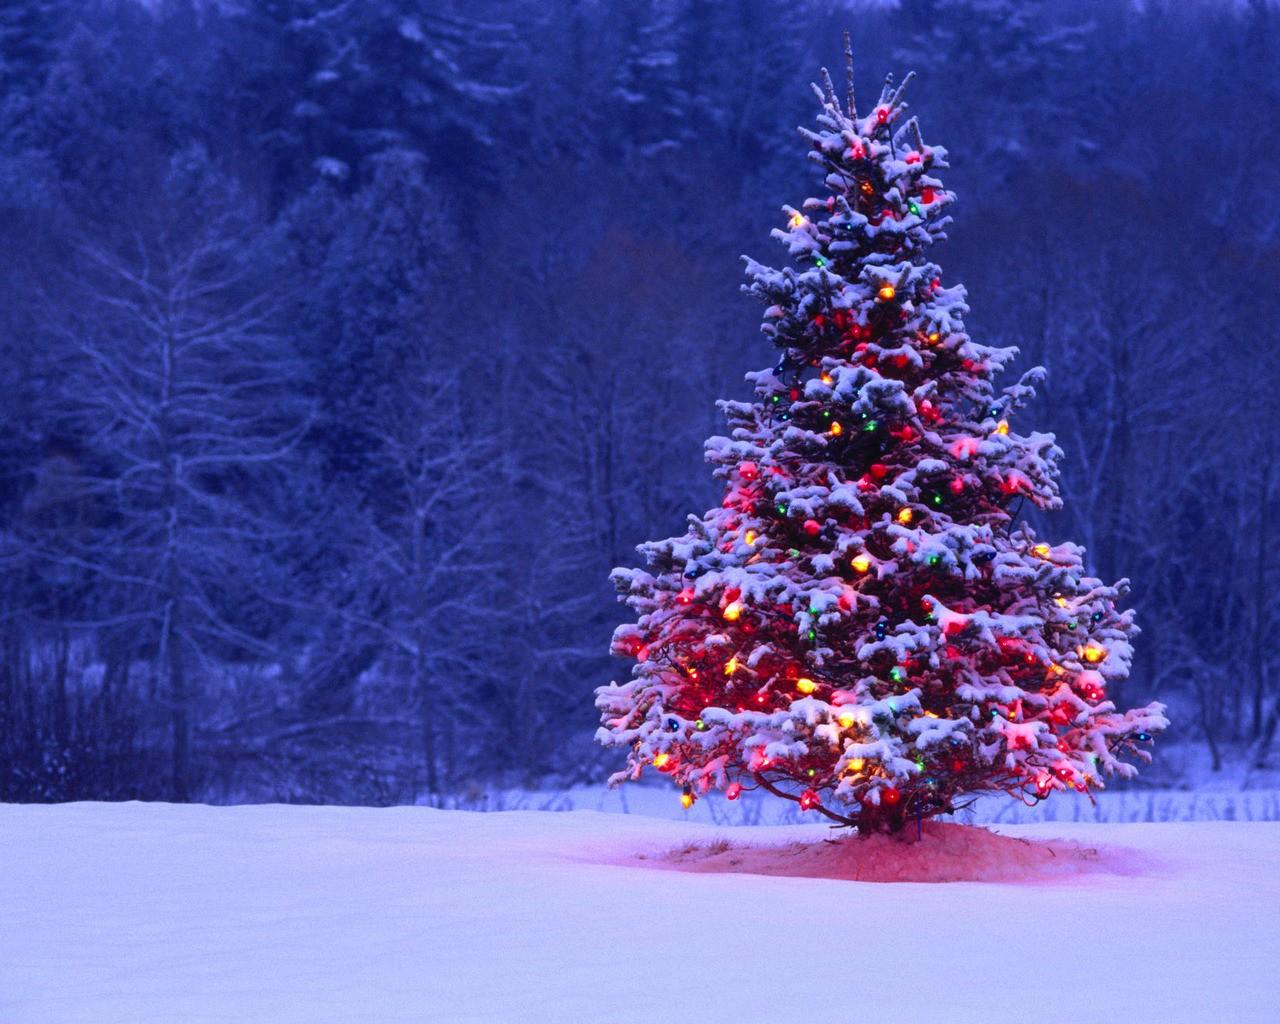 desktop wallpaper winter christmas   wwwwallpapers in hdcom 1280x1024